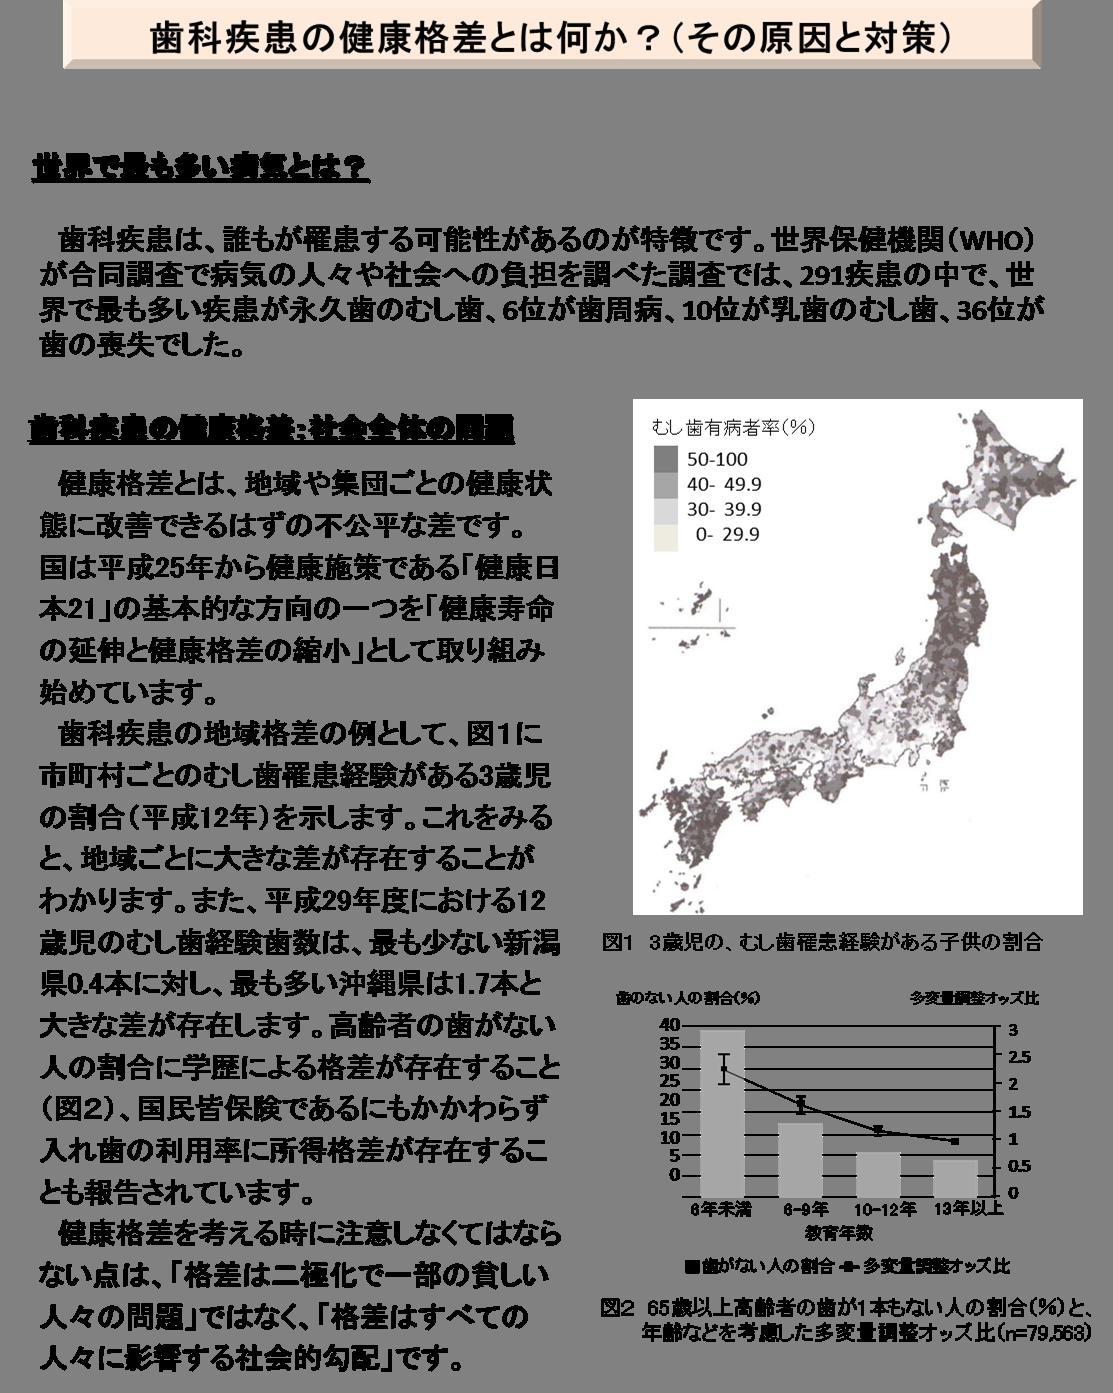 H30.09(ichiki).png